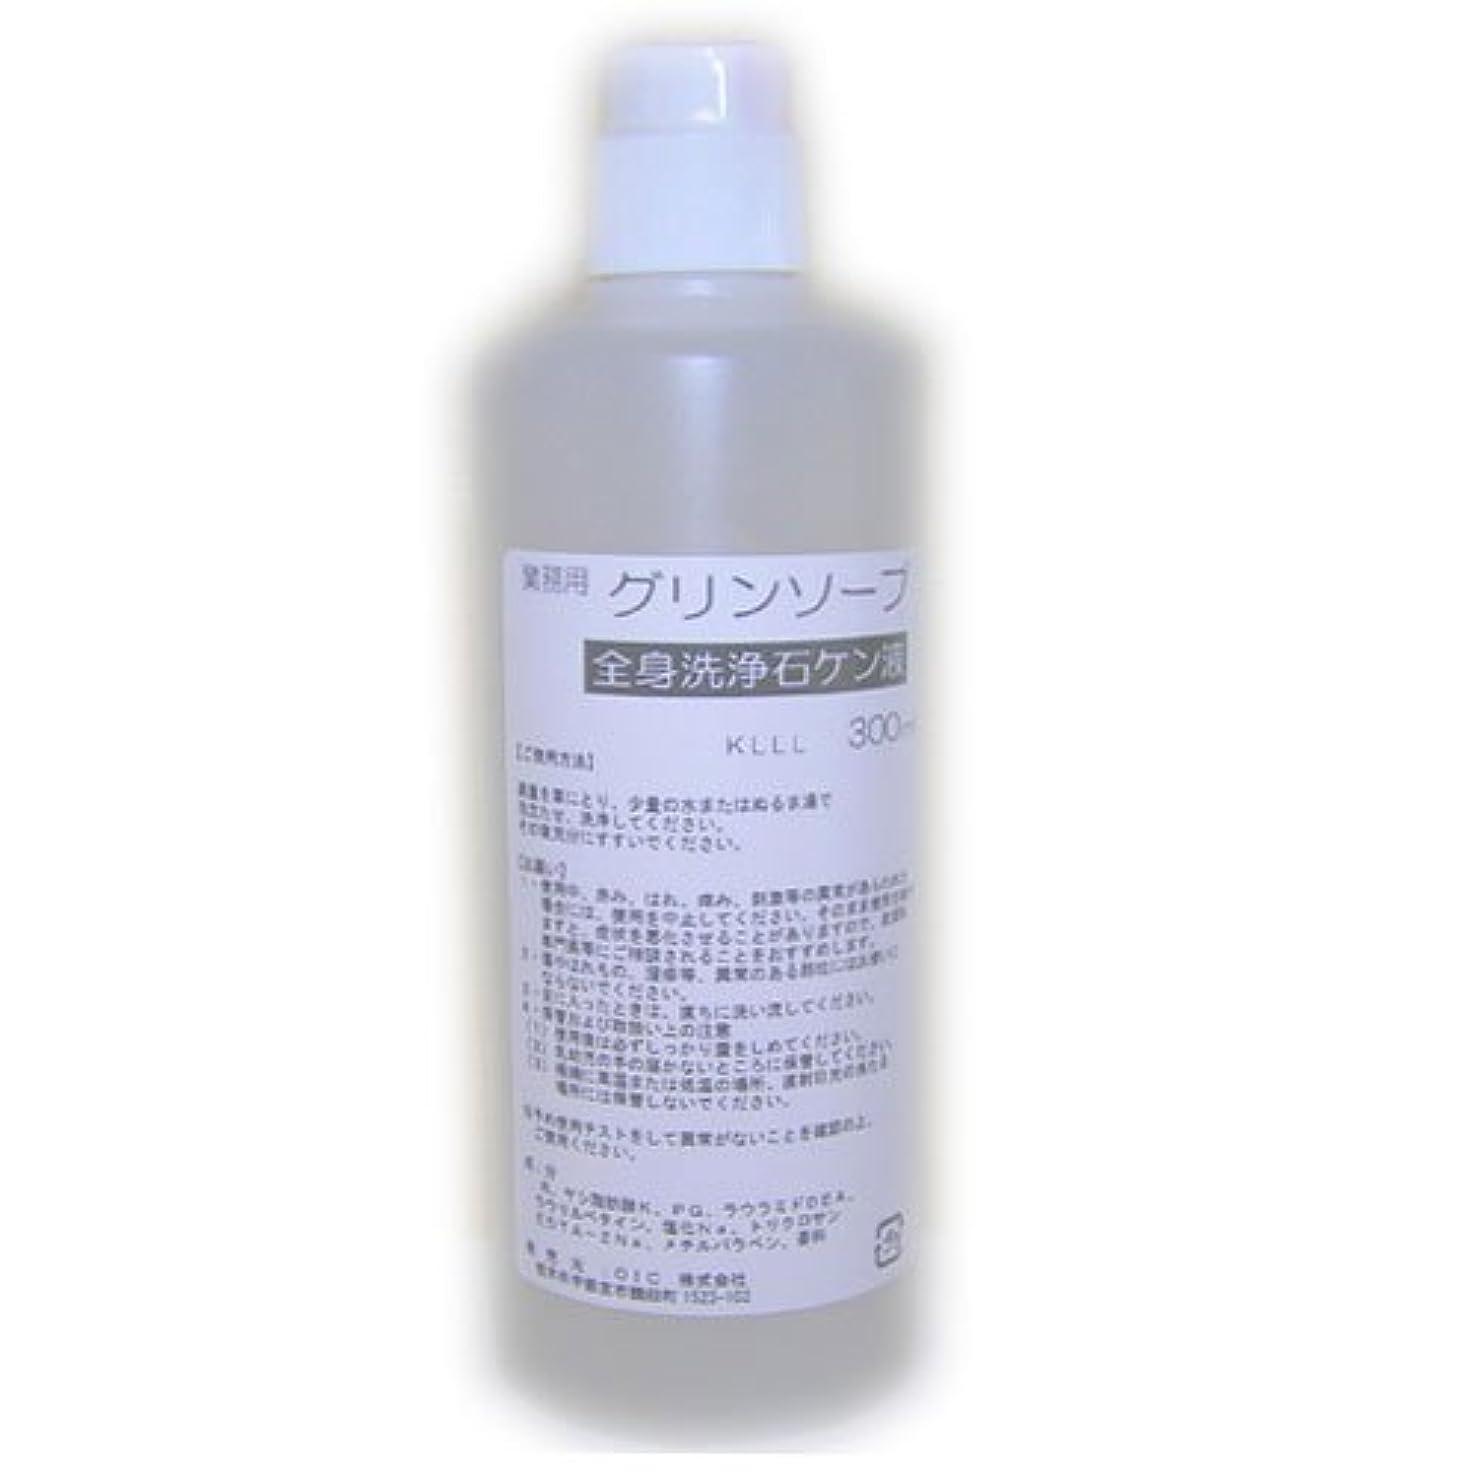 コンドーム床を掃除するセグメント業務用ボディソープ 殺菌成分配合?消毒石鹸液 グリンソープ (300ml (5本セット))